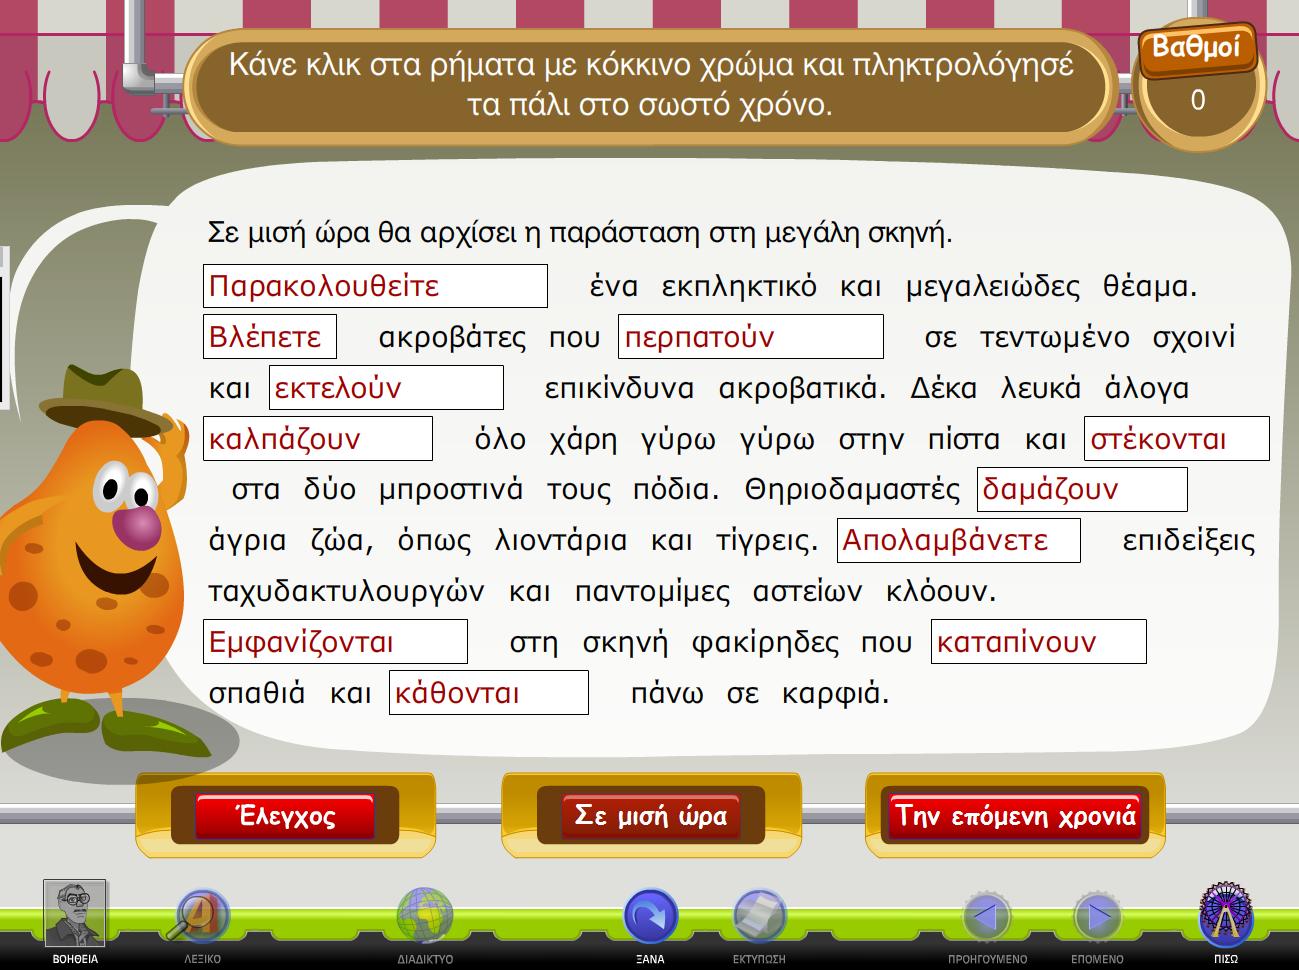 http://ts.sch.gr/repo/online-packages/dim-glossa-e-st/start.html